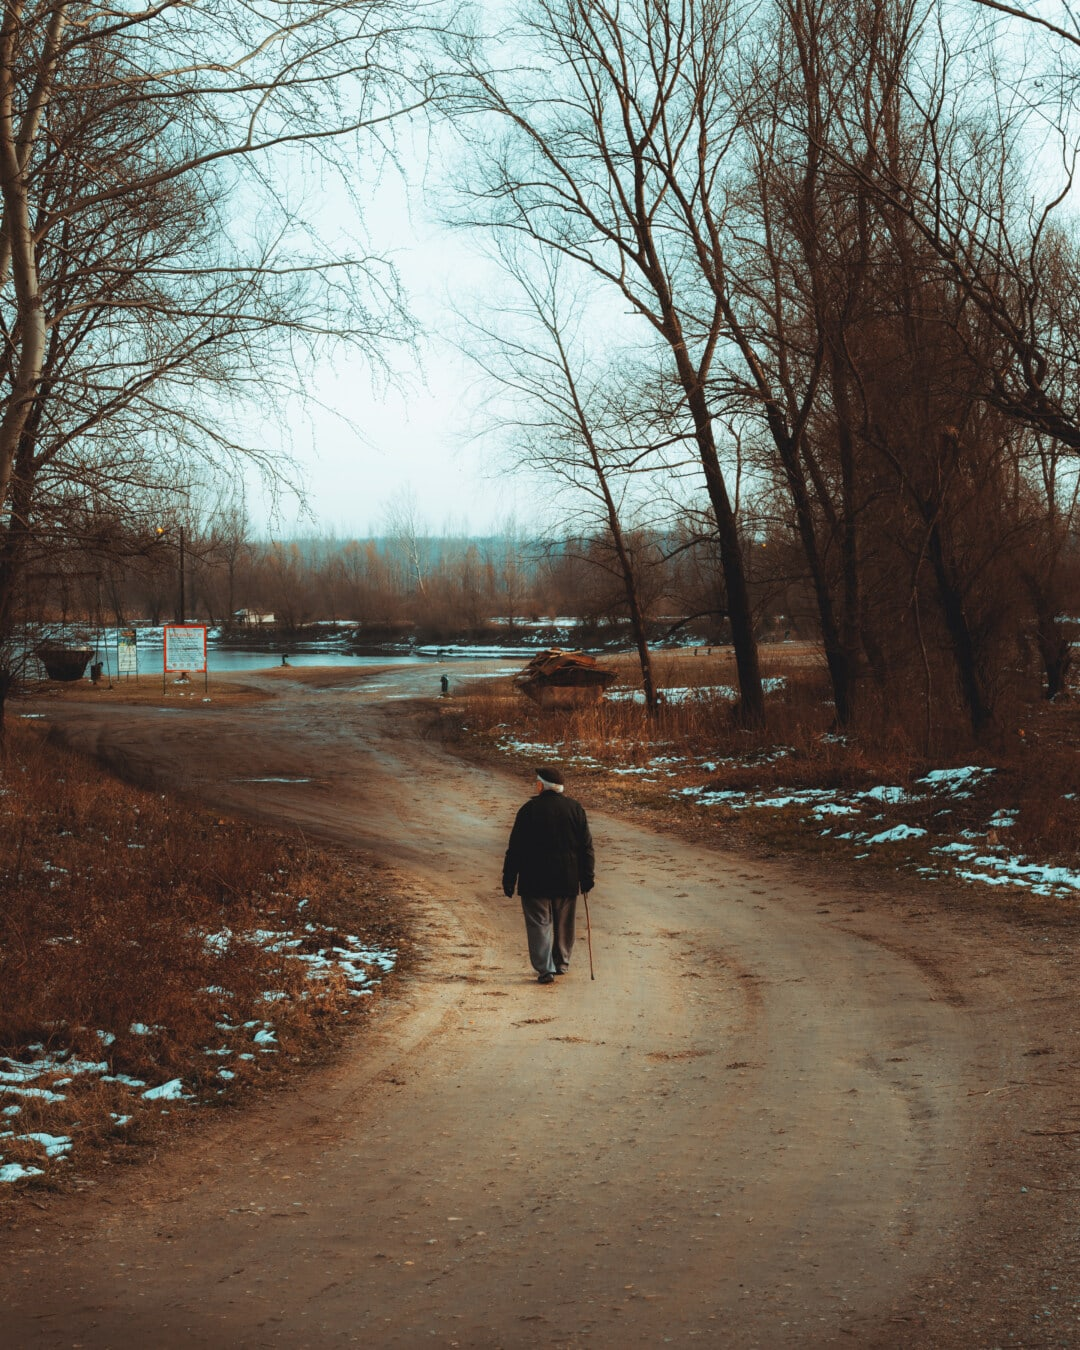 ältere Menschen, Mann, Fuß, Strand, allein, Winter, Straße, Schnee, Landschaft, Struktur